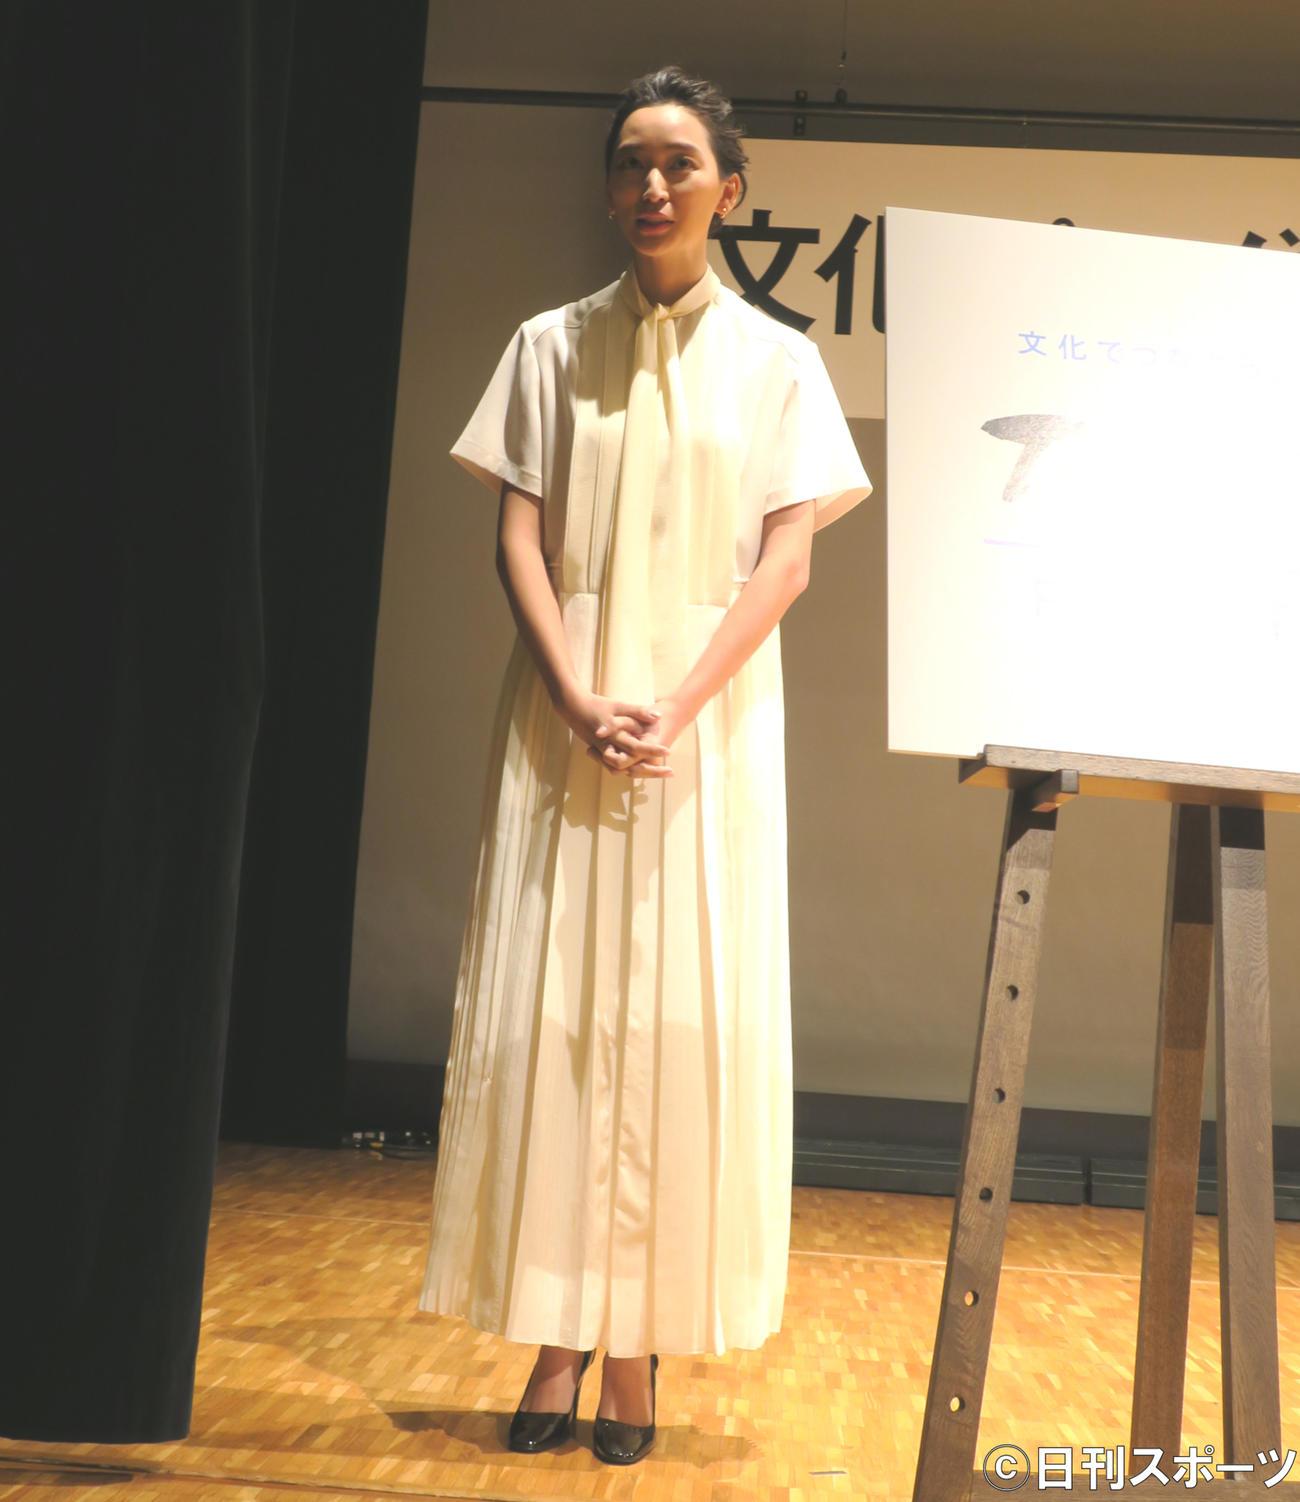 「文化プログラム参加促進シンポジウム」終了後、ステージ袖で取材に応じる杏